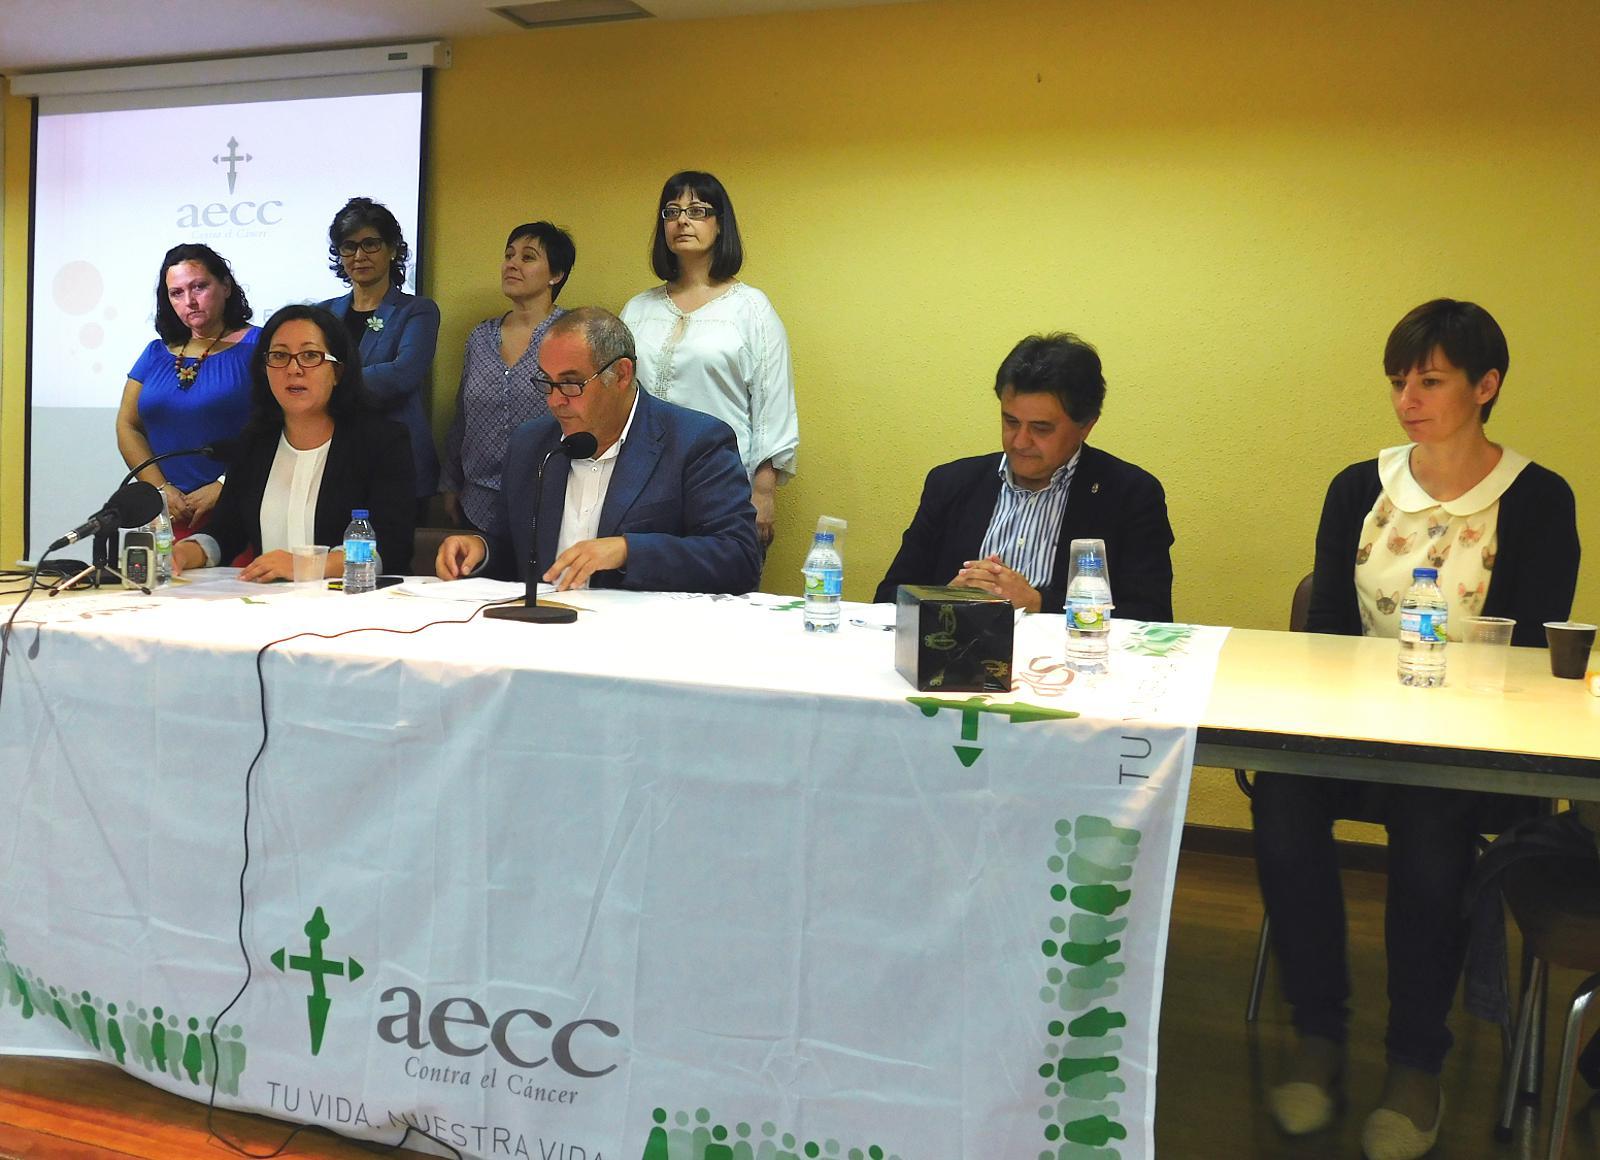 La junta local de la AECC queda constituida en Daimiel